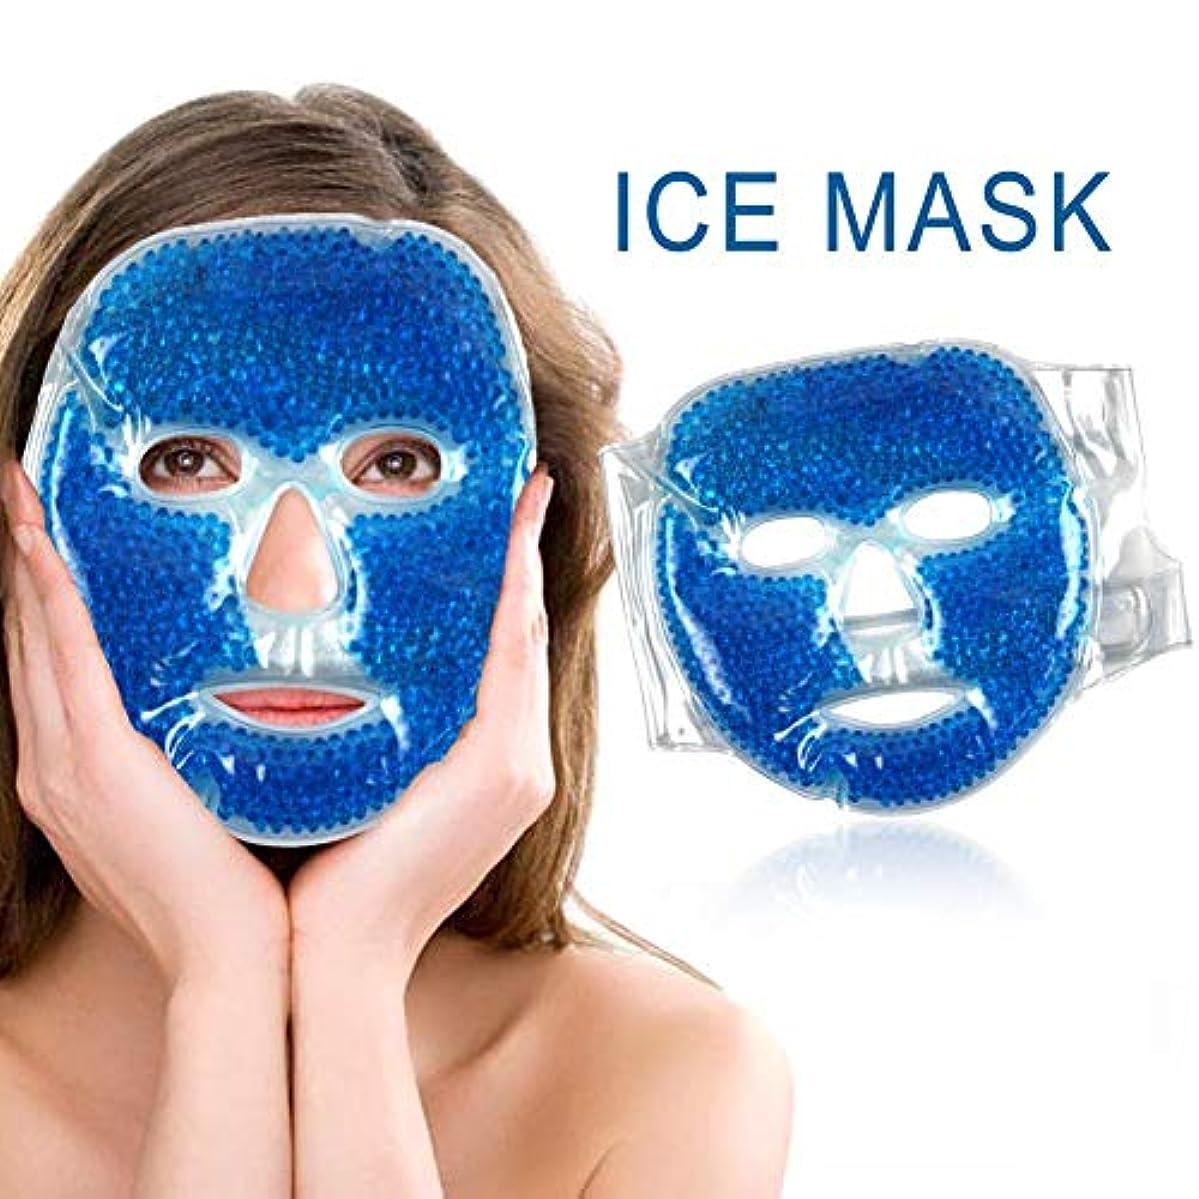 雑多な粘土先のことを考えるSILUN フェイスマスク 冷温兼用 アイスマスク 美容用 再利用可能 毛細血管収縮 疲労緩和 肌ケア 保湿 吸収しやすい 美容マッサージ